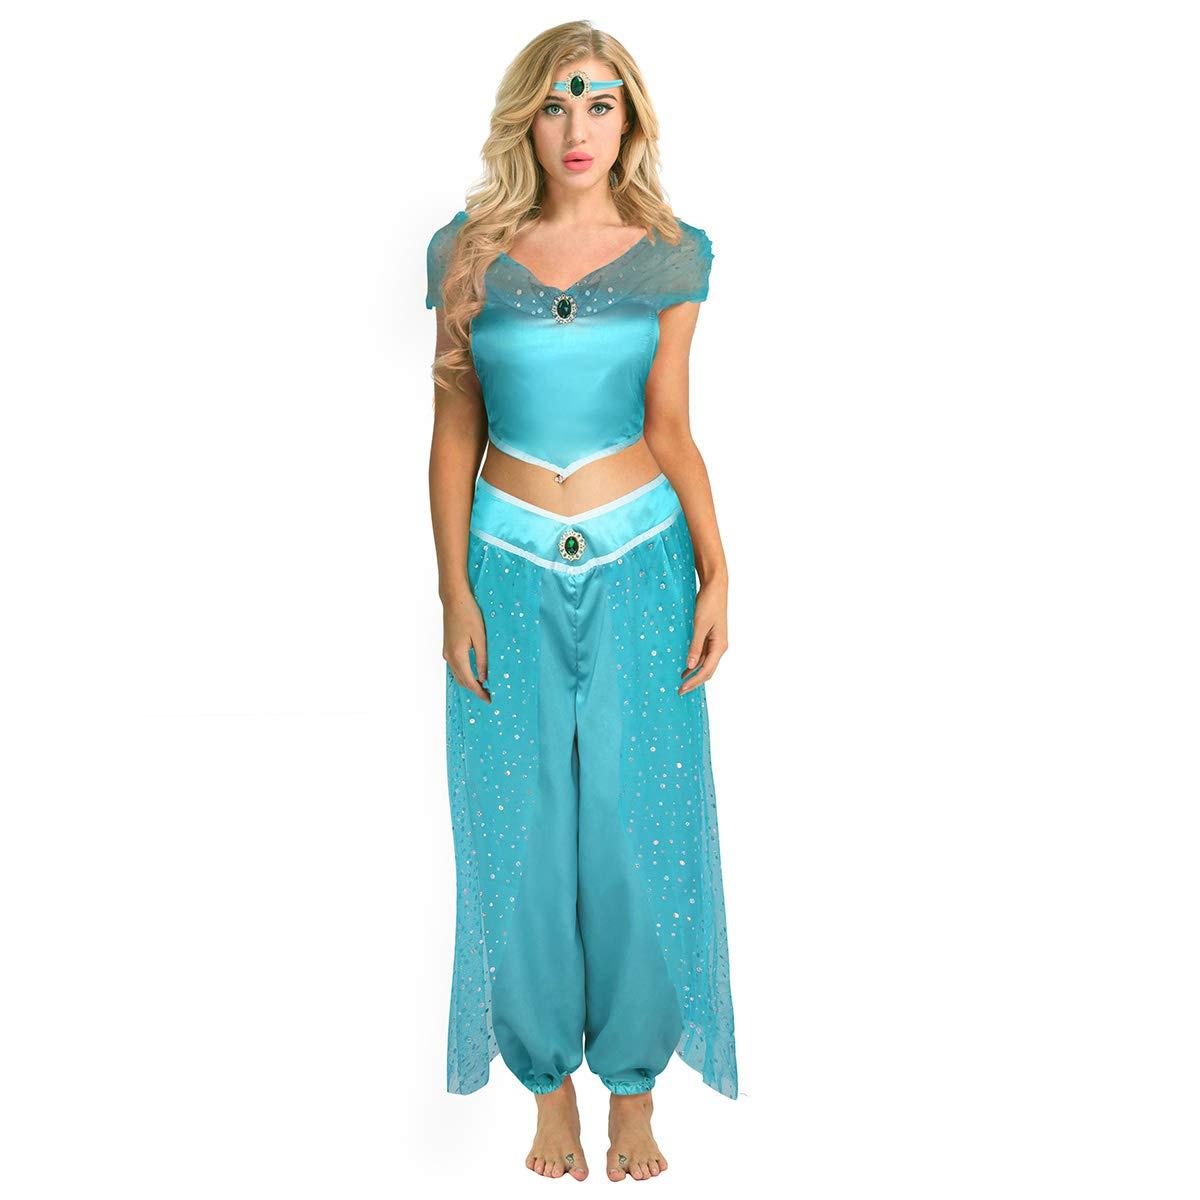 CHICTRY déguisement Femme Princesse Fille Paillettes Costume Outfit Hors  Épaule Top+Pantalon+Bandeau Ensemble pour Adulte Halloween Cosplay soirée  S-XXL  ... 4bfd2753f75